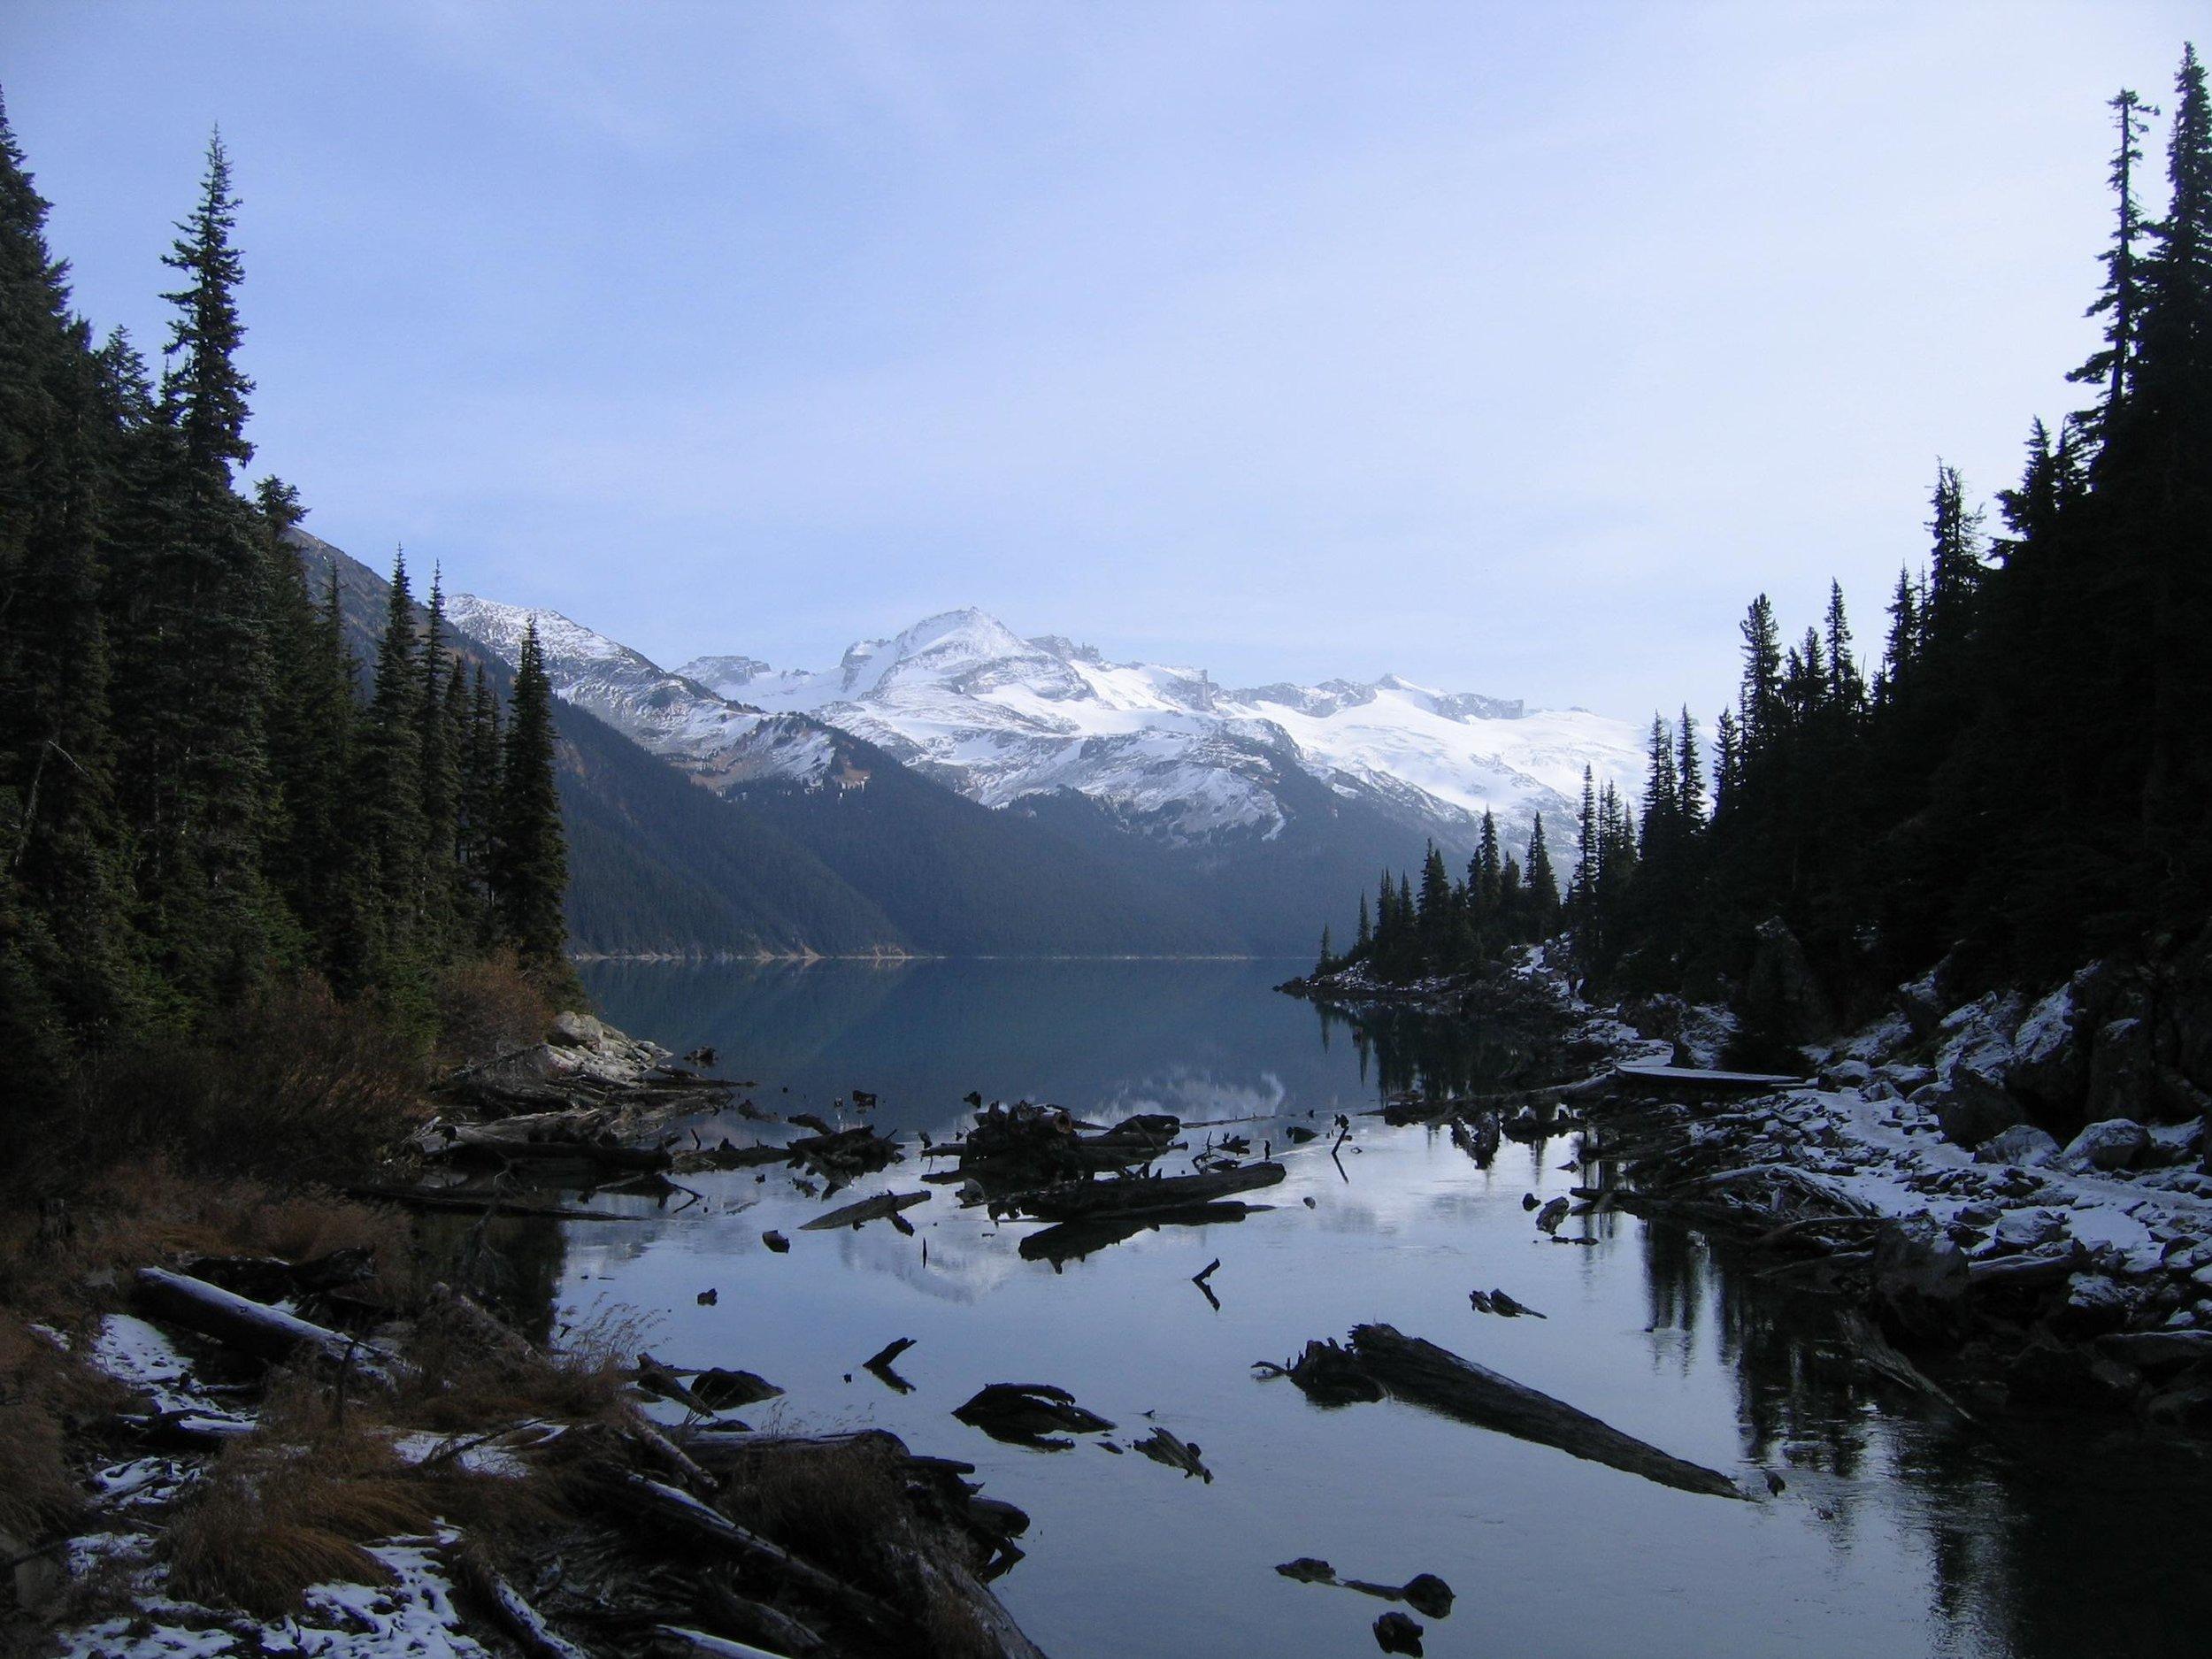 Garibaldi Lake, British Columbia, 2009. Irina Telyukova